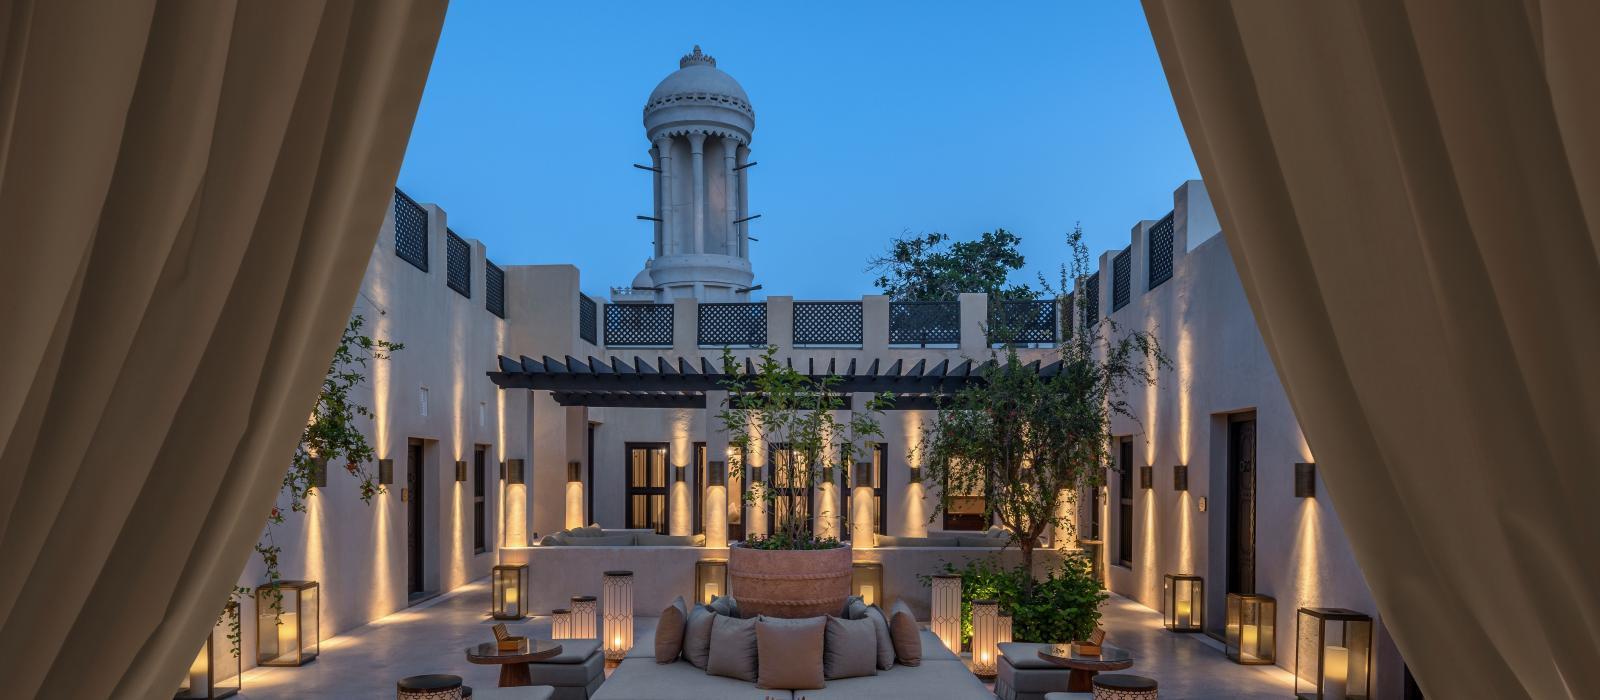 沙迦艺博度假酒店(Al Bait Sharjah, UAE)【 沙迦,阿联酋】 酒店  www.lhw.cn